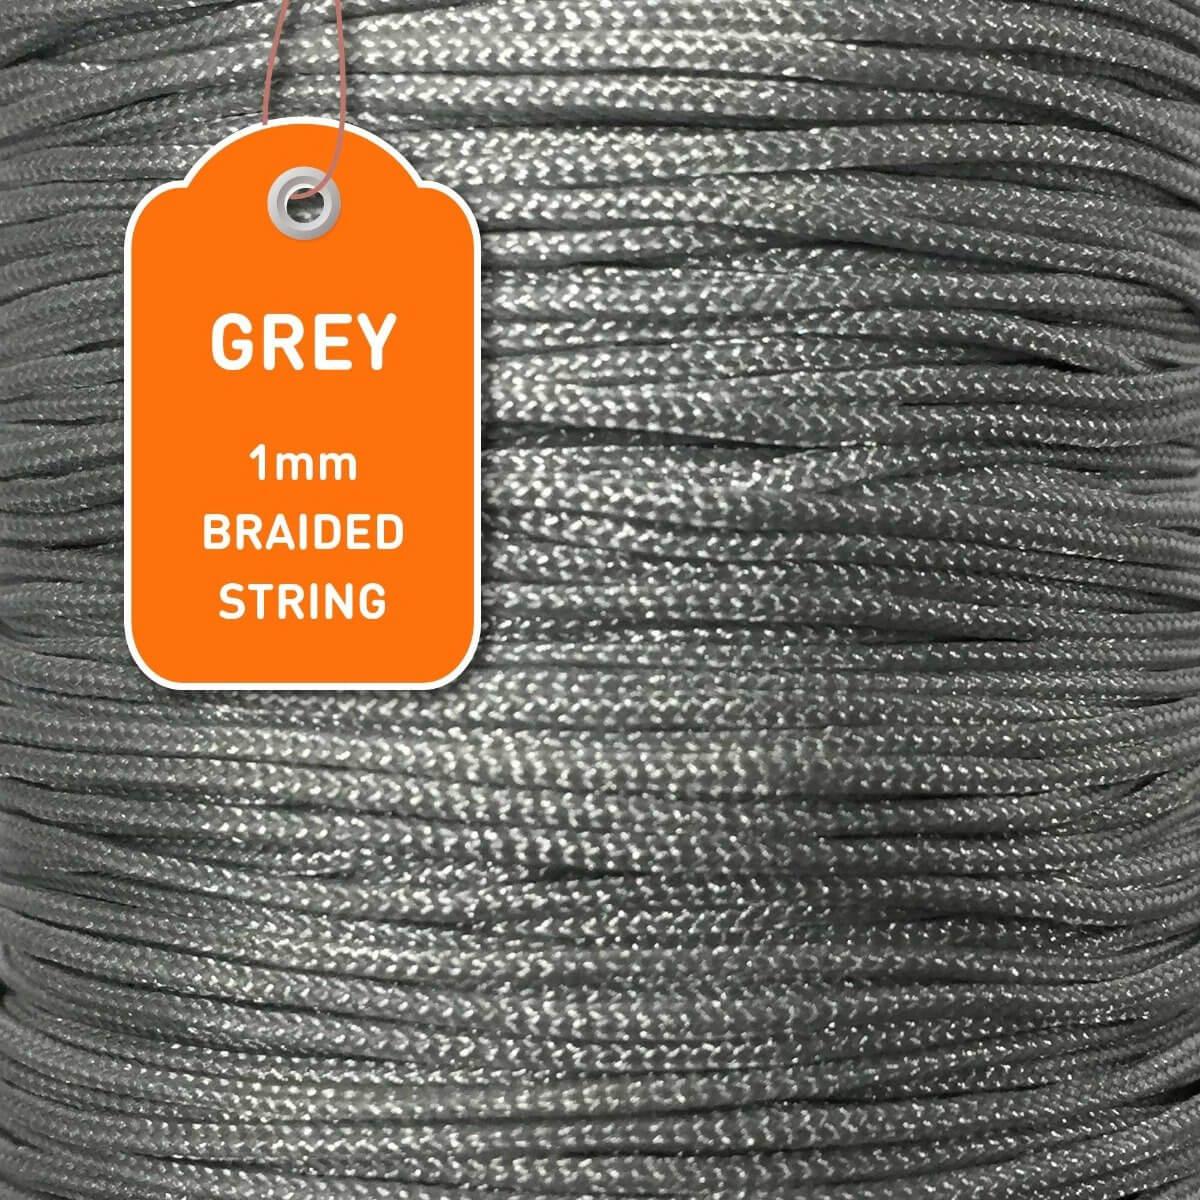 grey-string